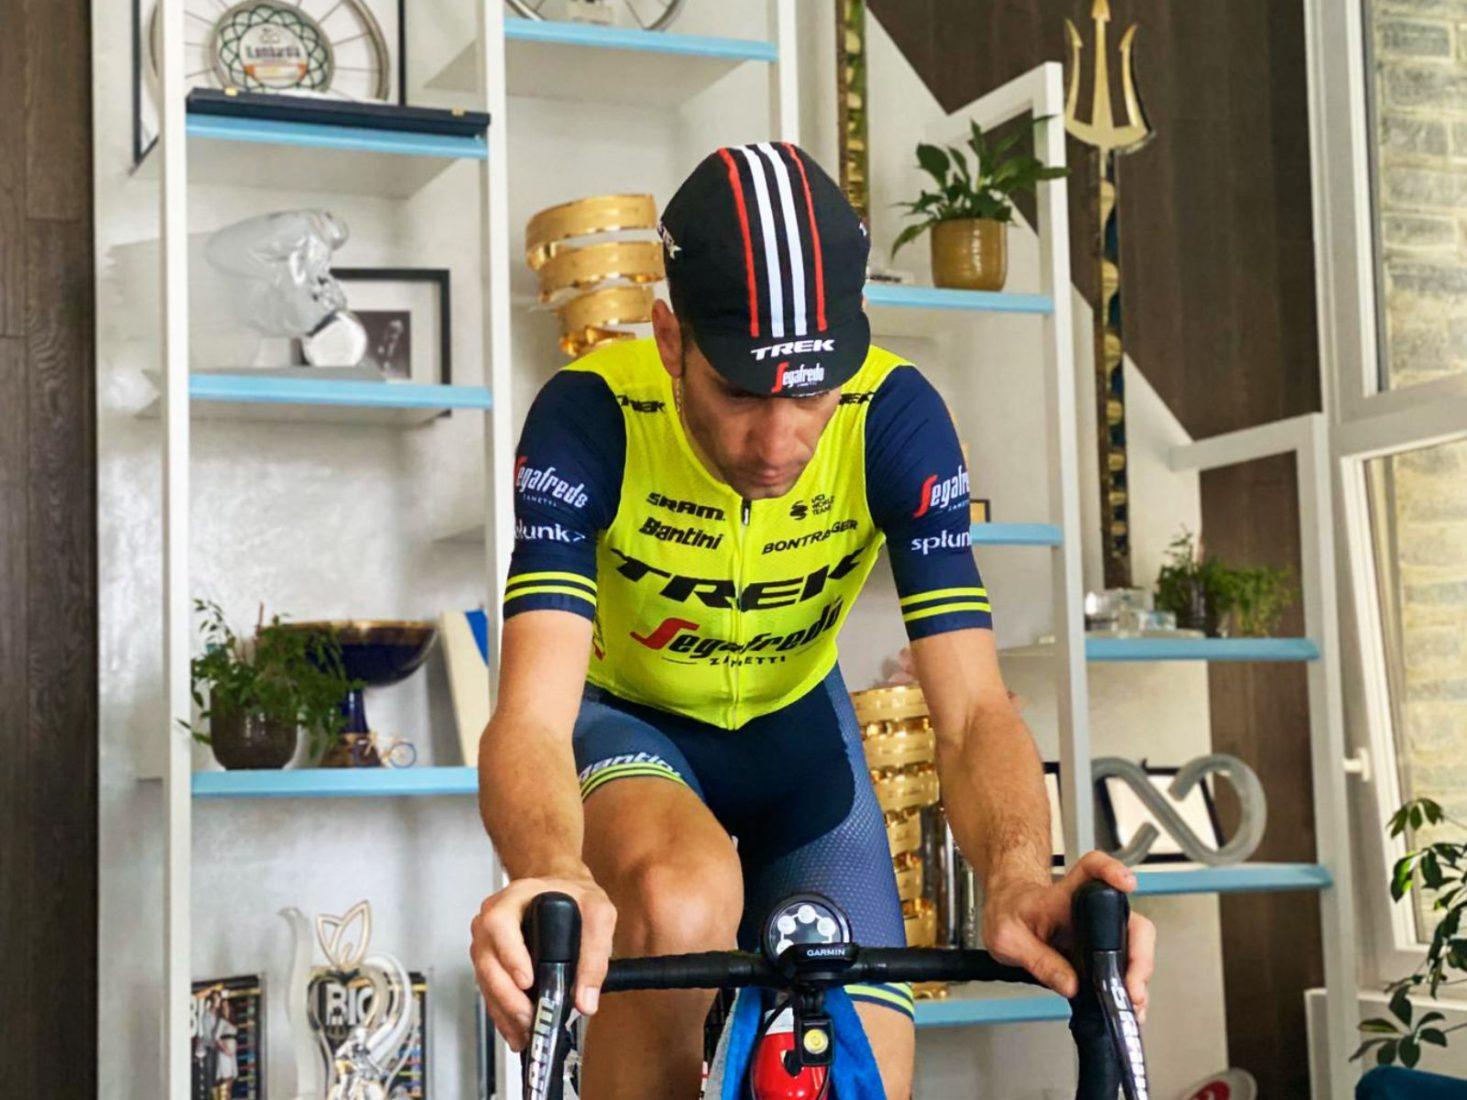 Le stelle del ciclismo si sfidano con The Challenge of Stars